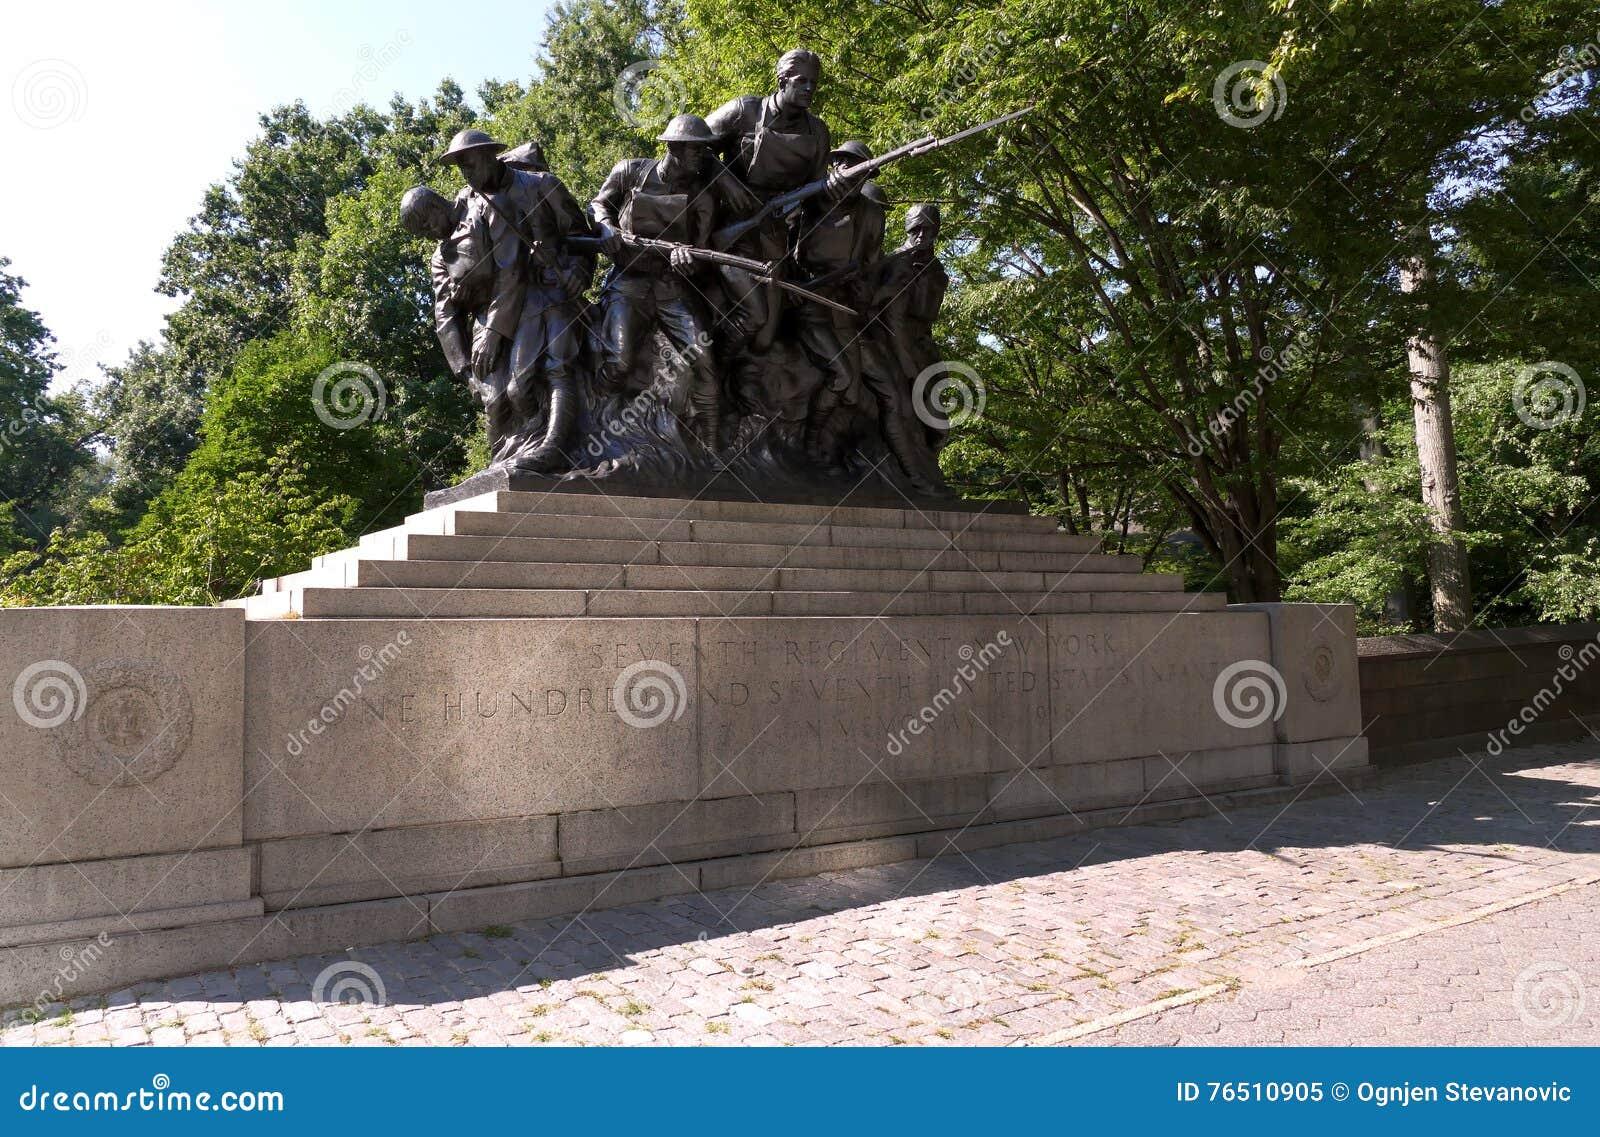 НЬЮ-ЙОРК, СОЕДИНЕННЫЕ ШТАТЫ - 25-ое августа 2016: Мемориал для седьмого полка ополчения Нью-Йорка - США 107TH WWI, Нью-Йорк